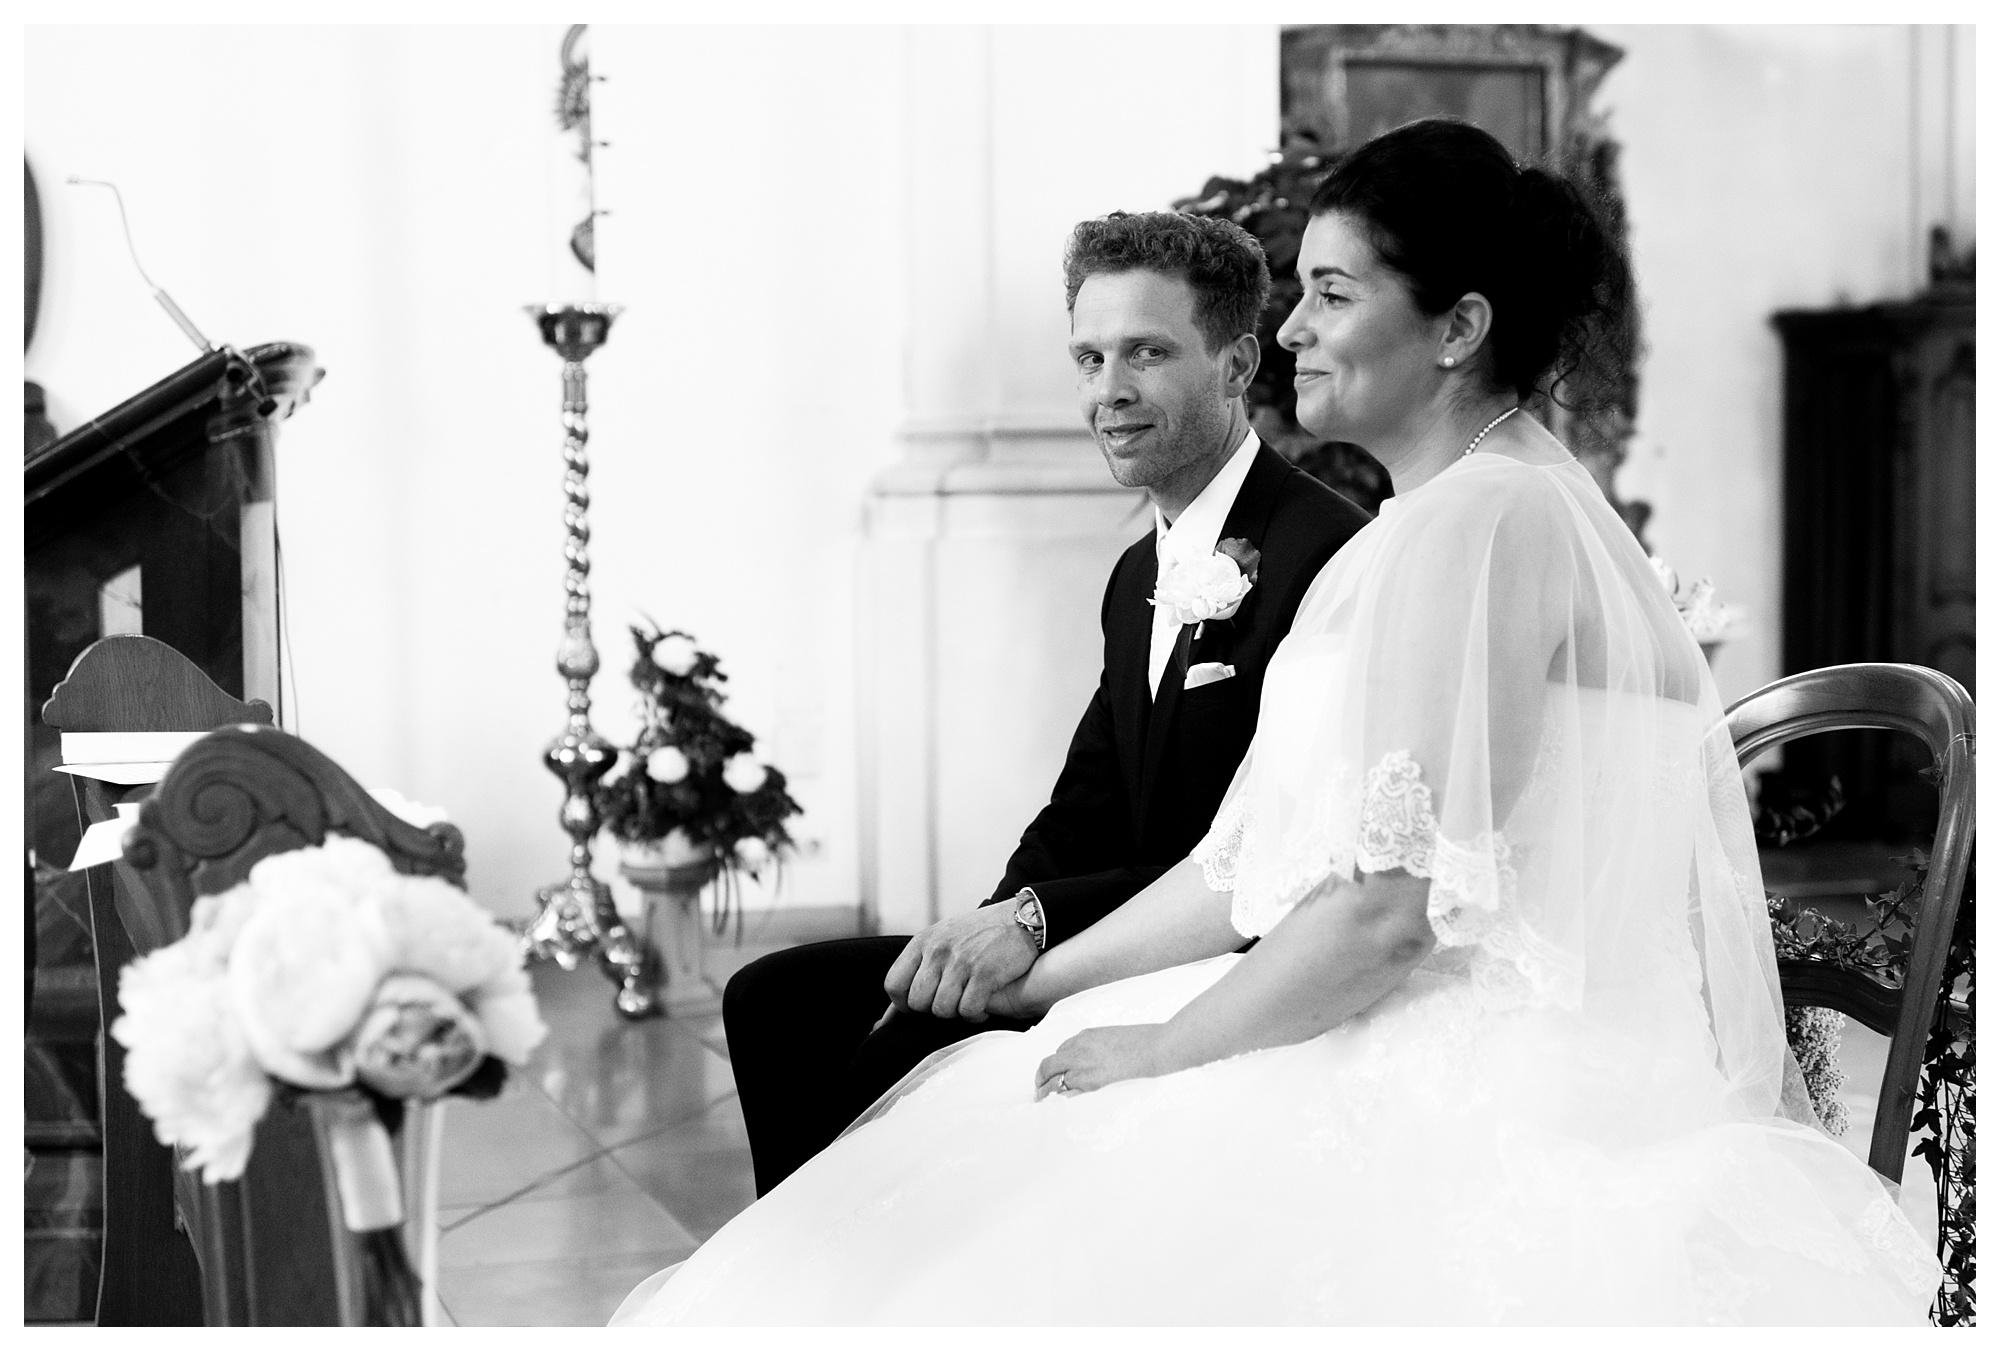 Fotograf Konstanz - Hochzeit Tanja Elmar Elmar Feuerbacher Photography Konstanz Messkirch Highlights 035 - Hochzeitsreportage von Tanja und Elmar im Schloss Meßkirch  - 34 -